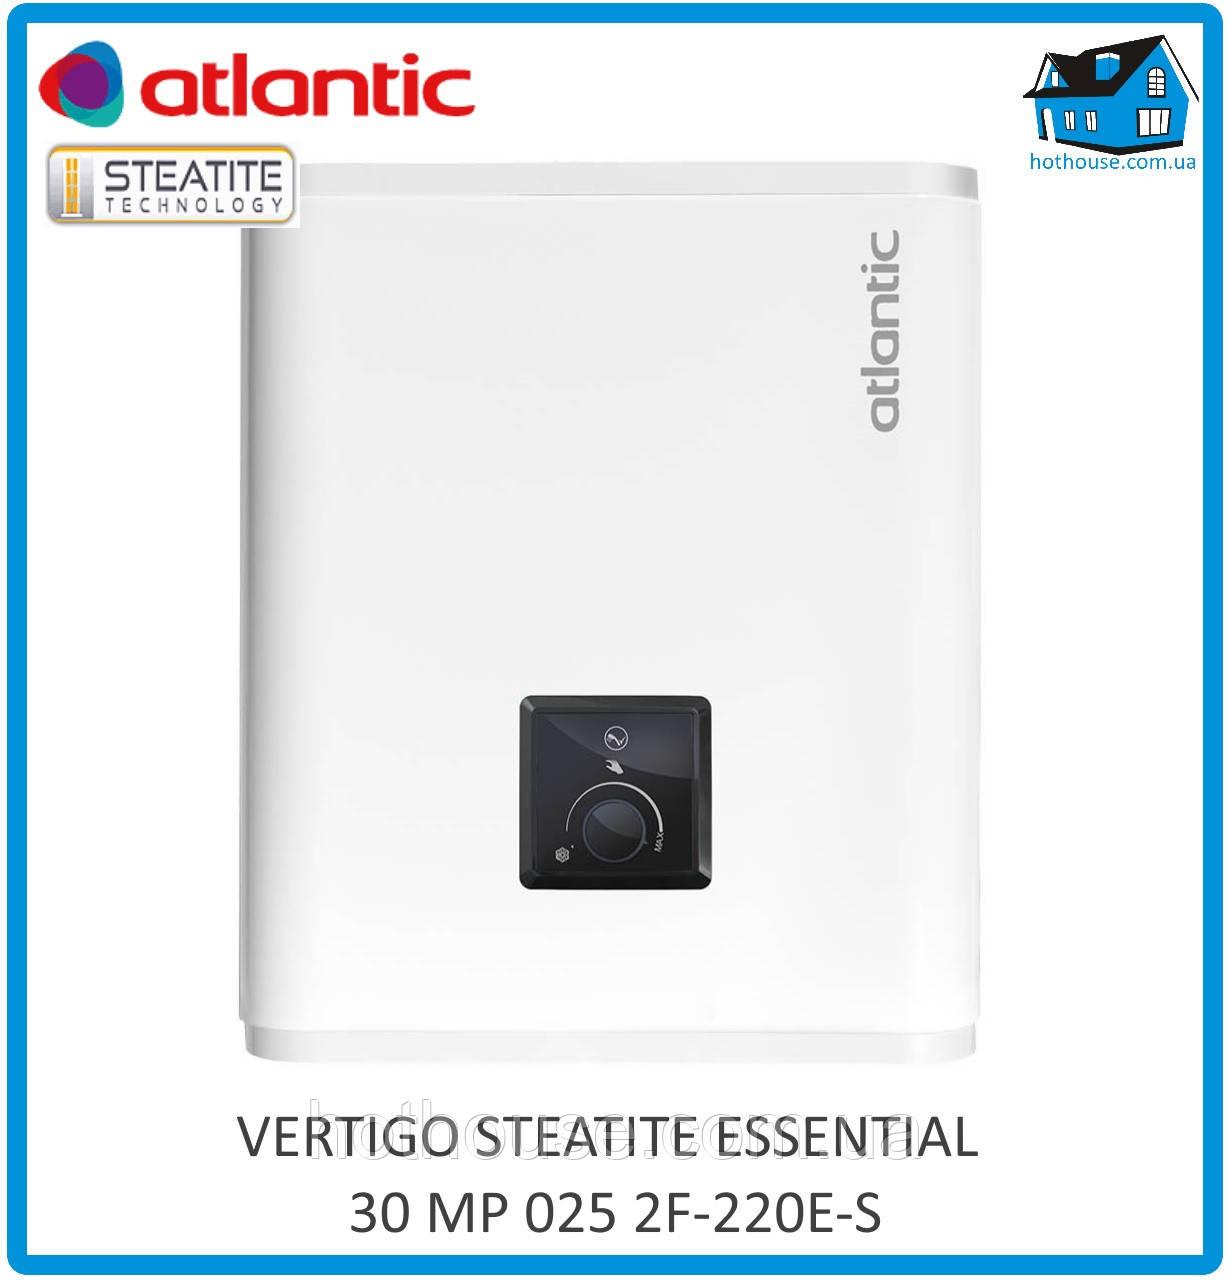 Водонагрівач Atlantic Vertigo Steatite Essential 30 MP-025 2F 220E-S